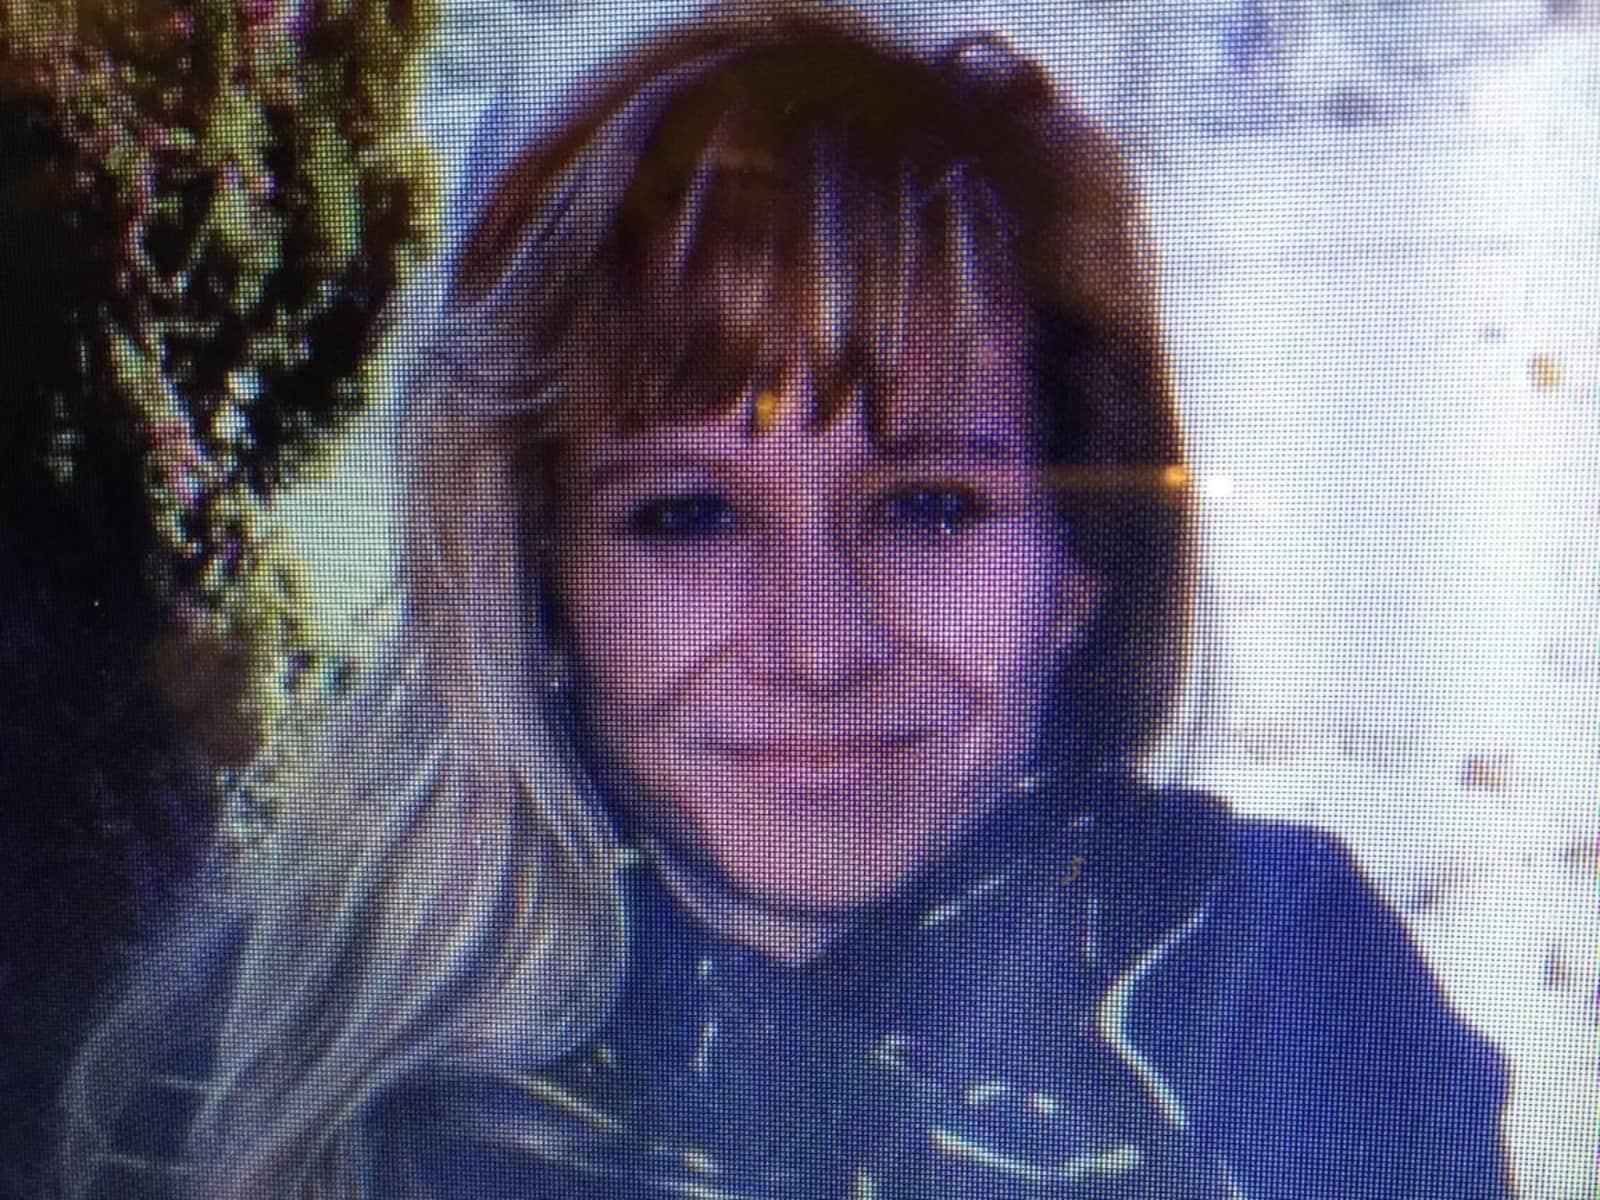 Mary k. from Rimrock, Arizona, United States